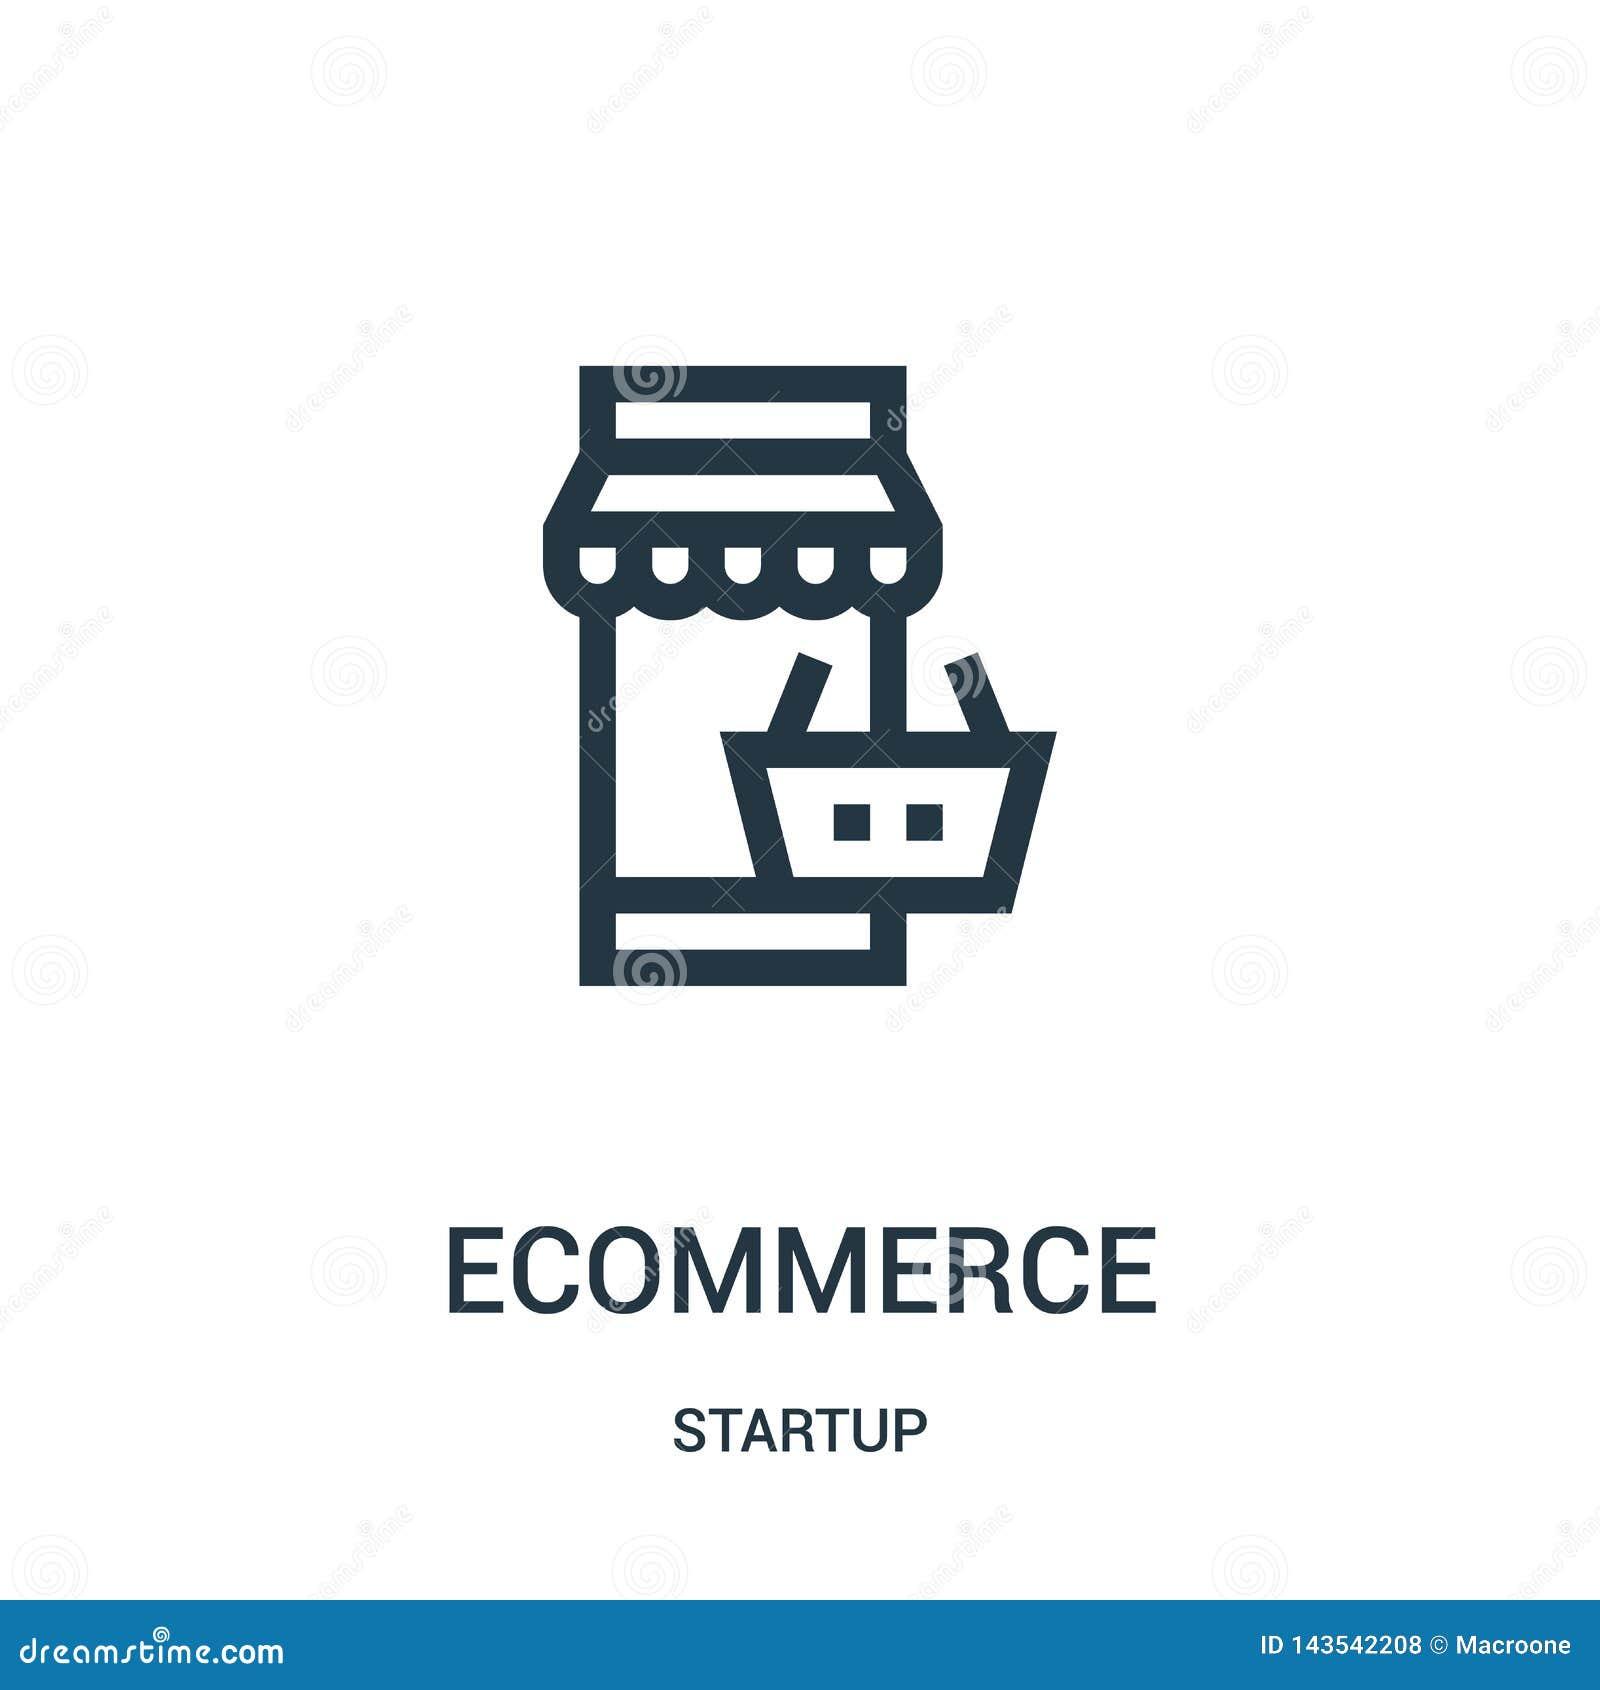 вектор значка ecommerce от собрания запуска Тонкая линия иллюстрация вектора значка плана ecommerce